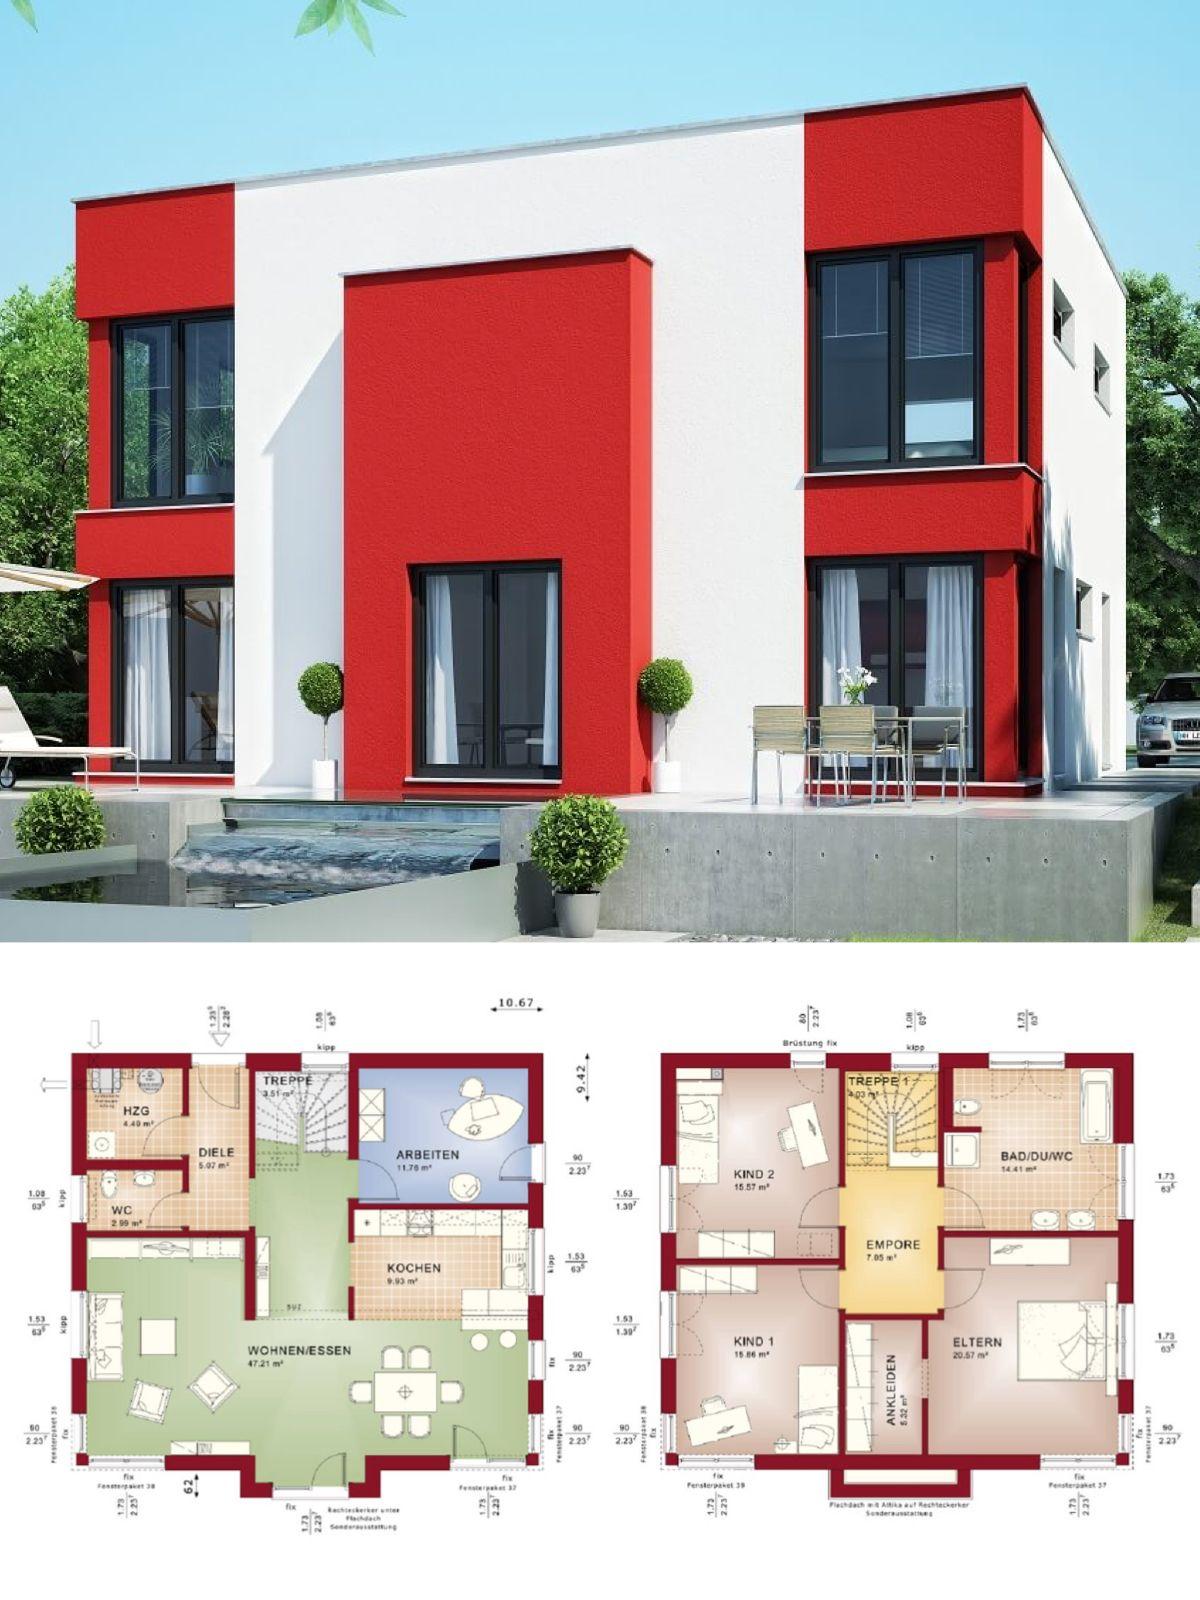 stadtvilla modern mit flachdach architektur im bauhausstil, fassade